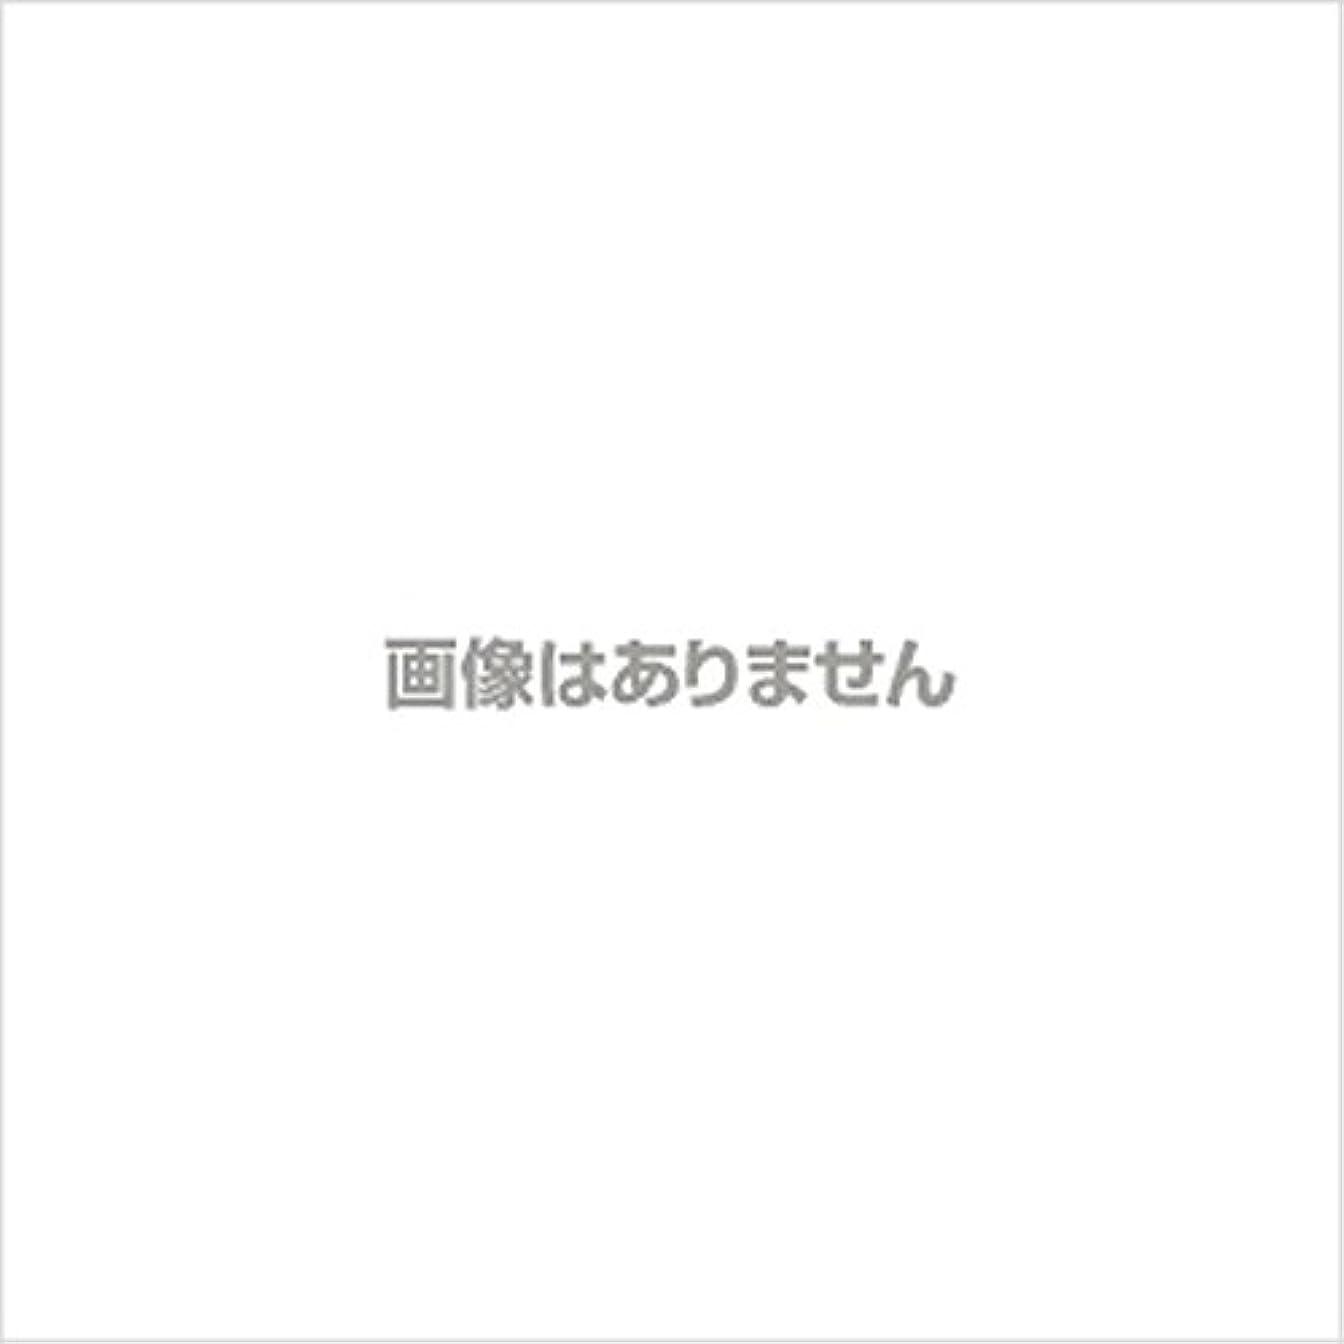 鑑定ハチ以内にニュージャスト ヘルパーグローブ M(500枚入) 【商品コード】4010400